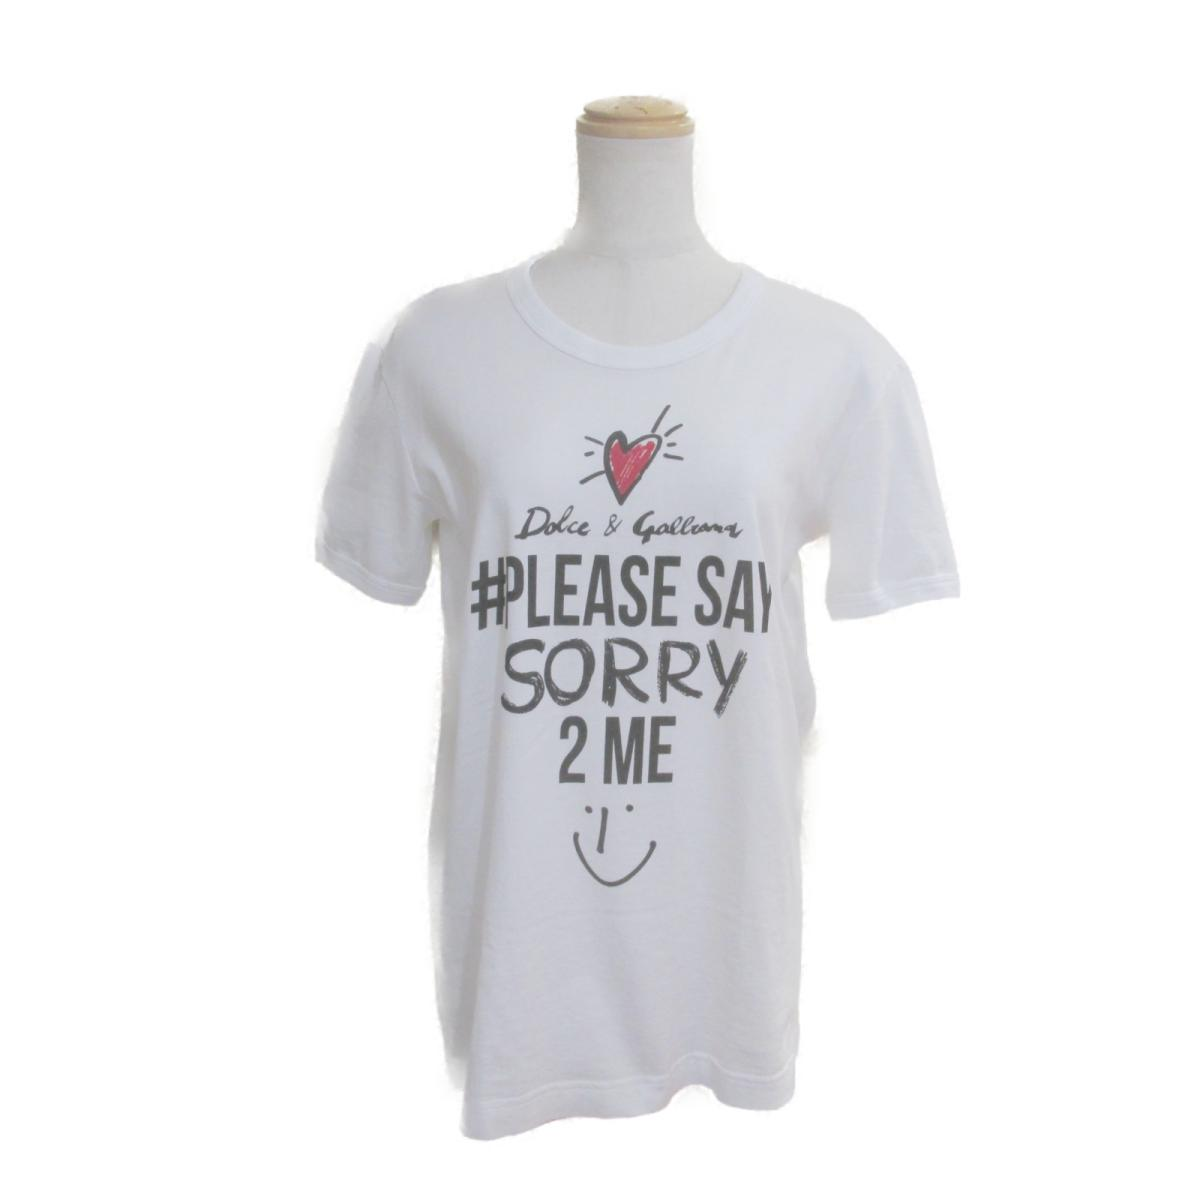 【中古】 ドルチェ&ガッバーナ Tシャツ レディース コットン100% ホワイト × ブラック レッド | Dolce & Gabbana BRANDOFF ブランドオフ 衣料品 衣類 ブランド トップス シャツ カットソー